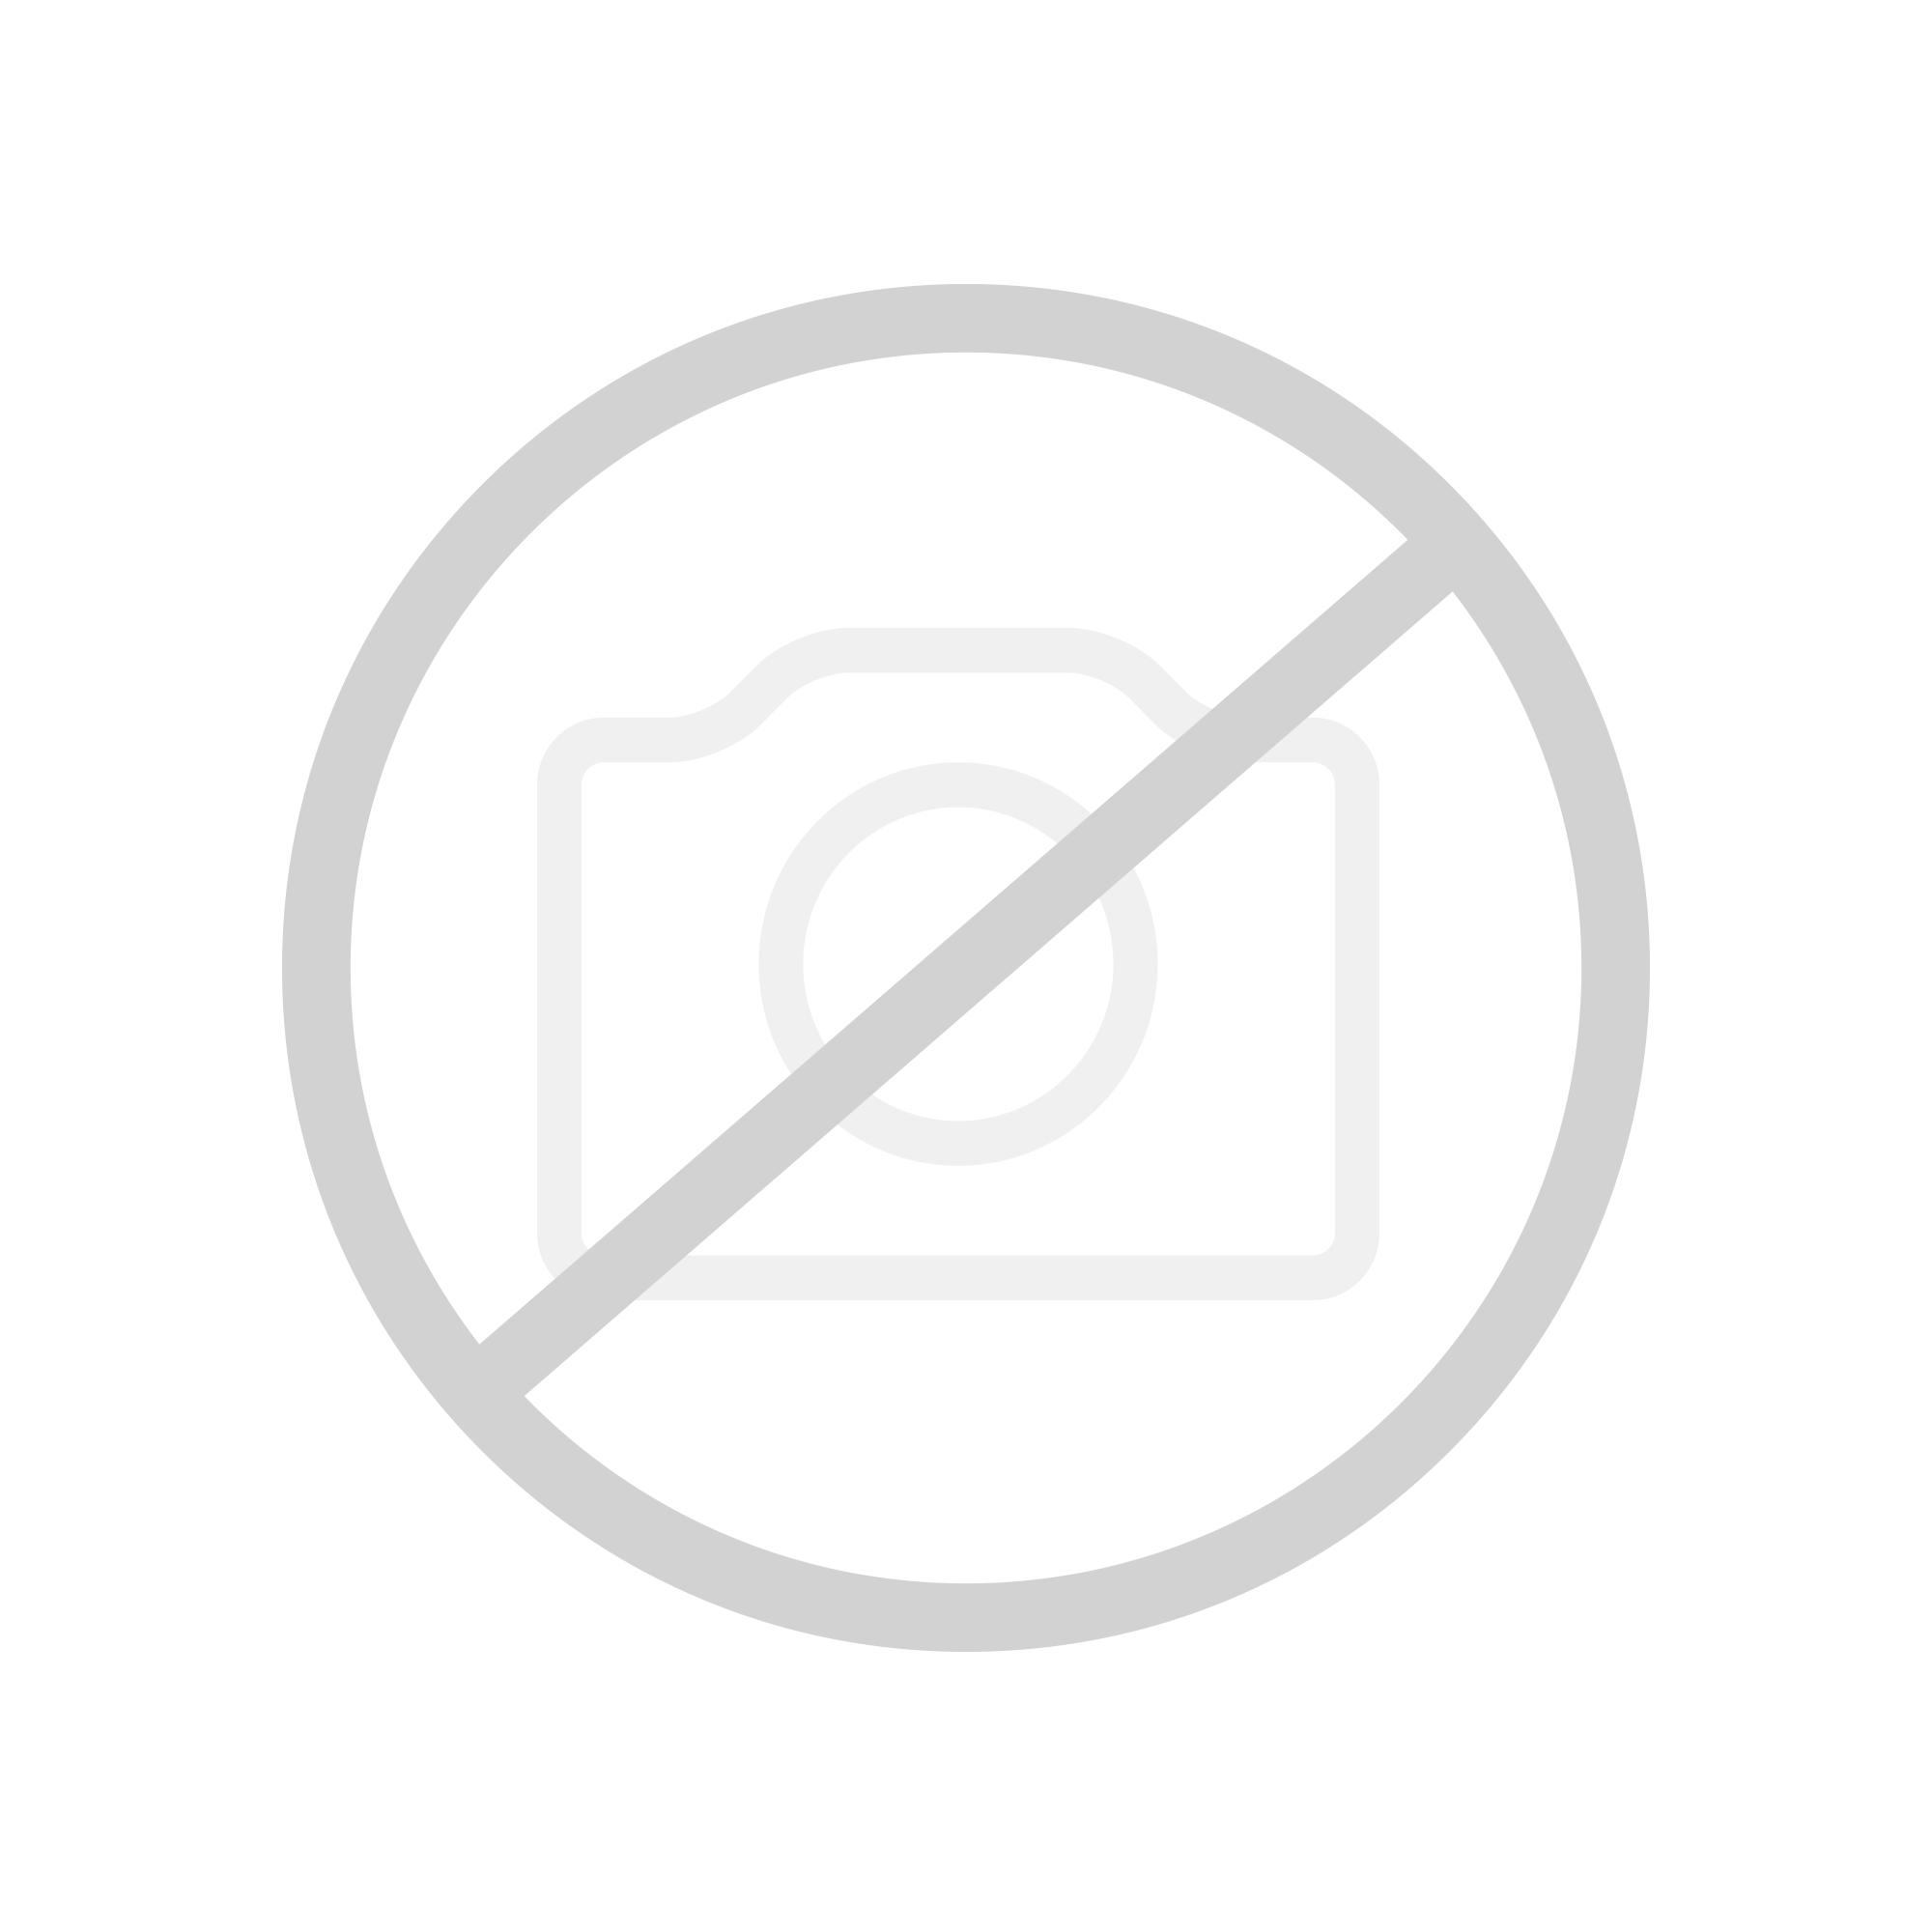 Vola 2112C Eingriffmischer für Wannenfüllung, Betätigungshebel: 25 mm Ausladung: 160 mm, edelstahl